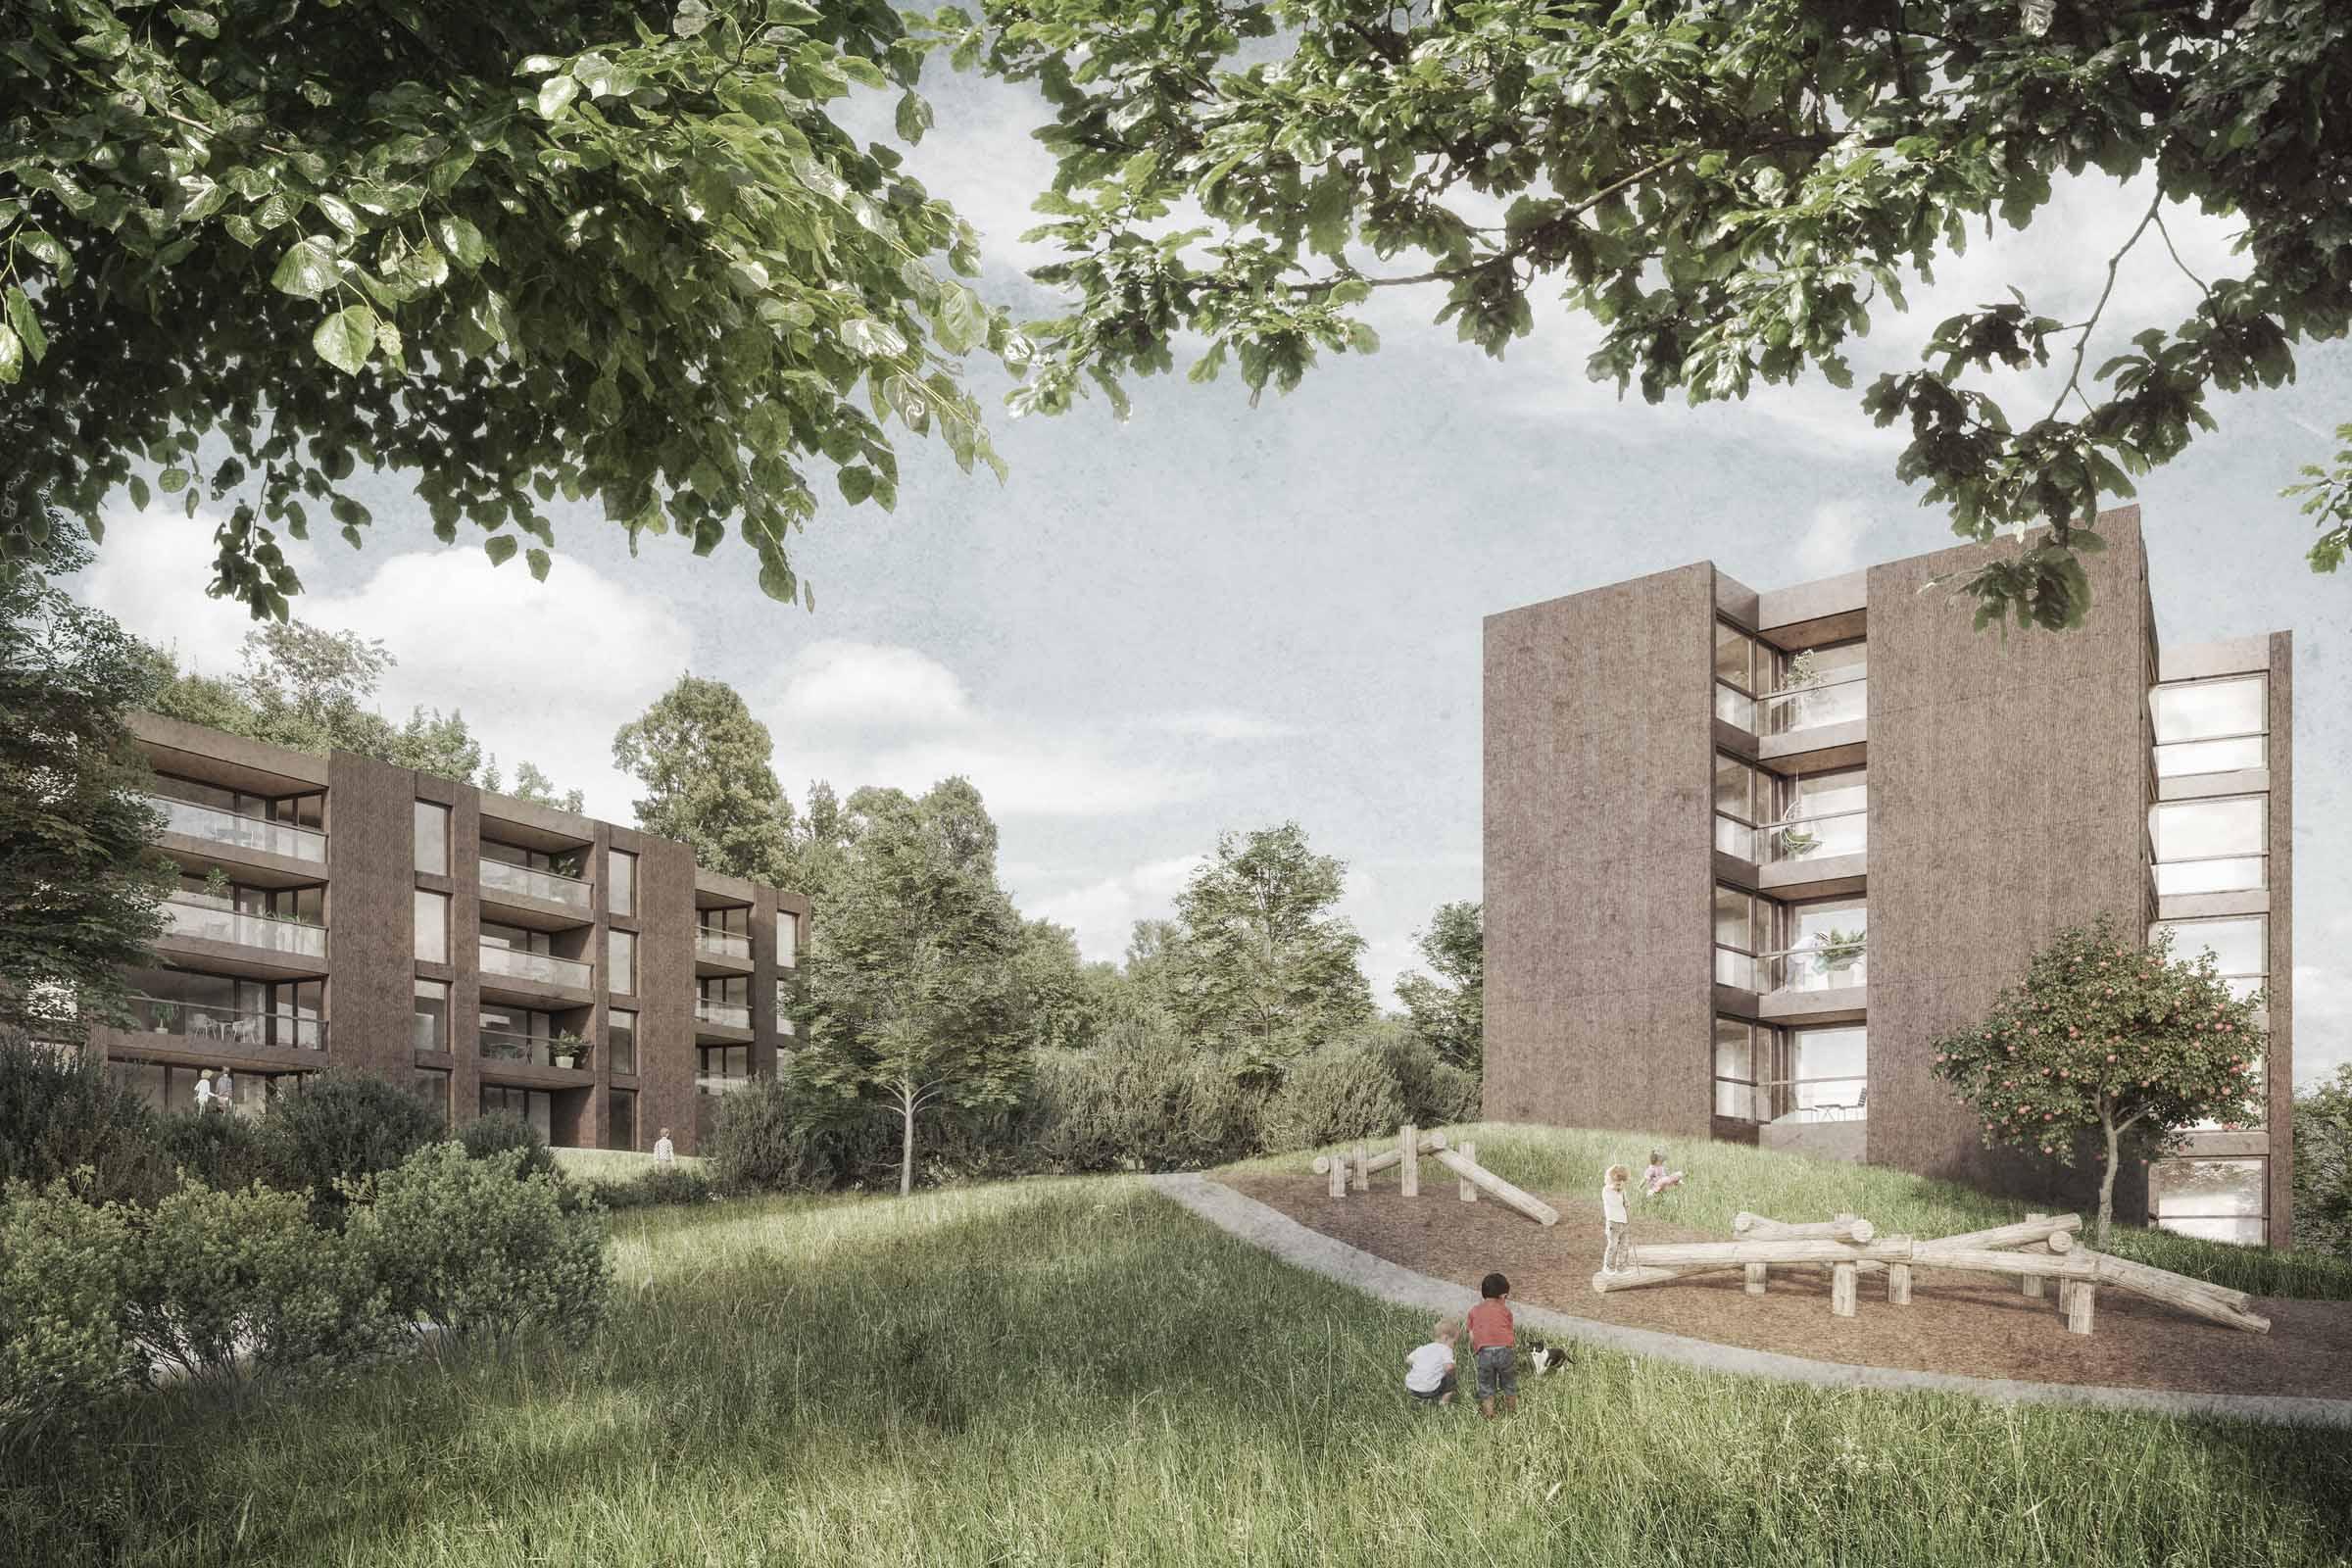 buan-architekten-mehrfamilienhäuser-wygart-sempach-aussenraum